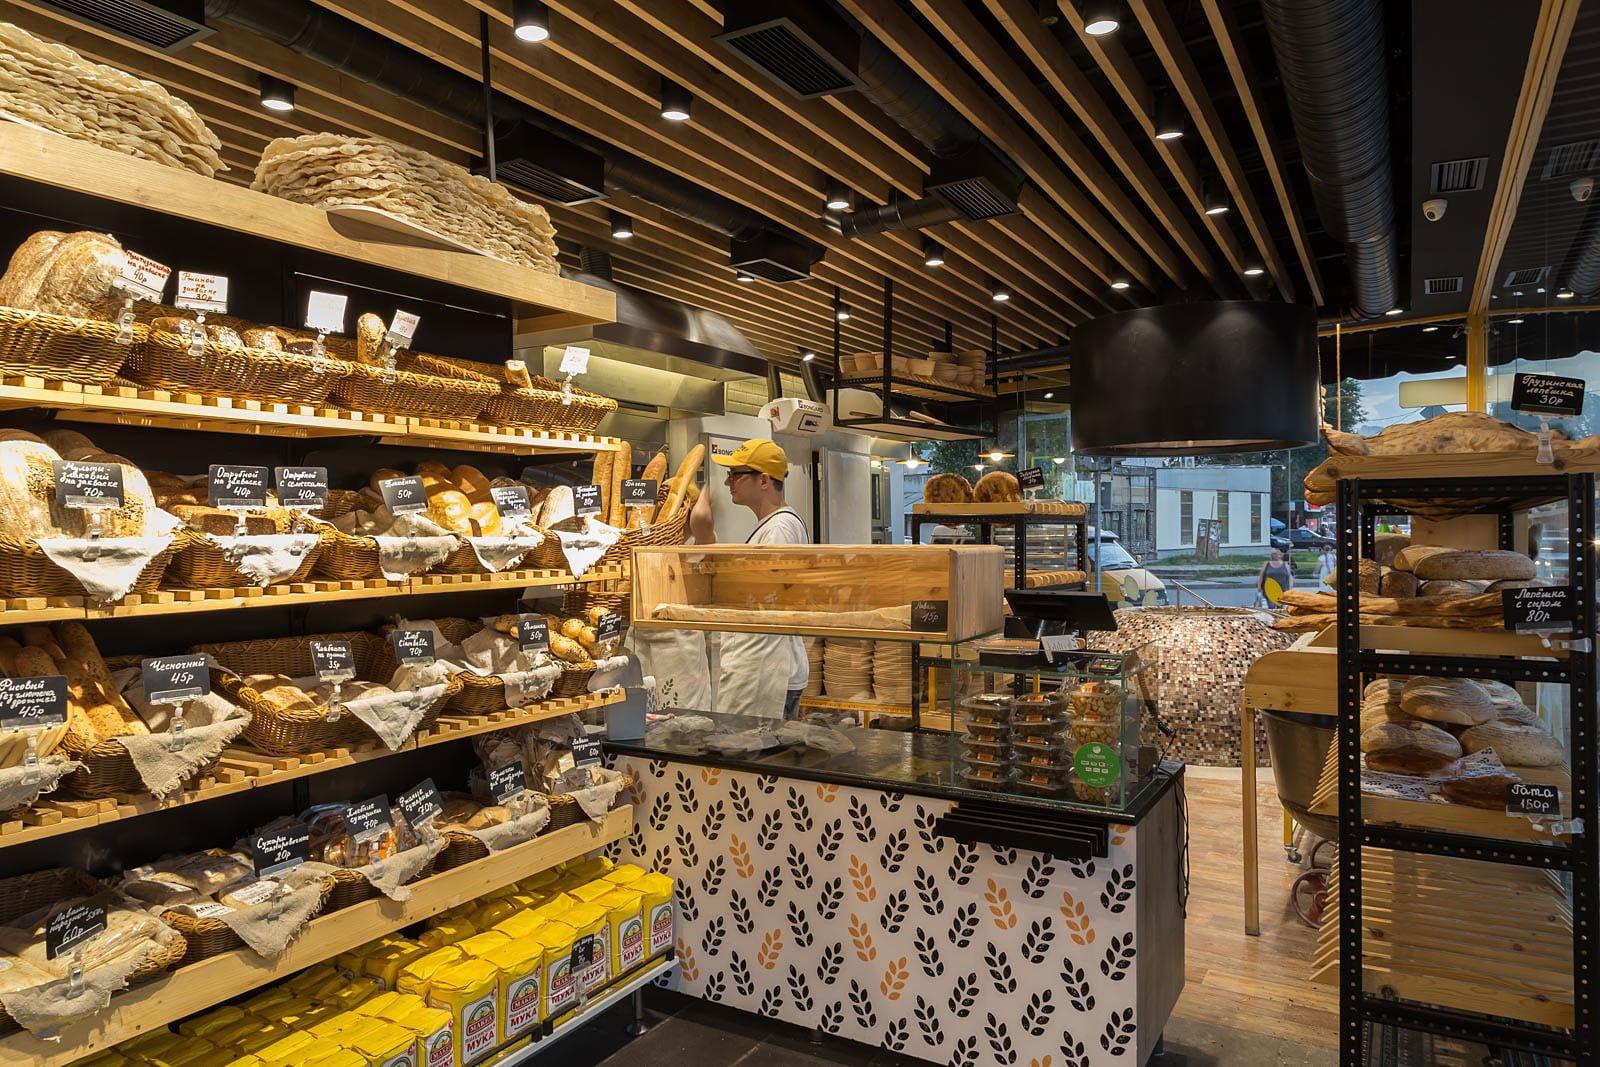 foto rabochey zony v kafe v pekarne s tondyrom